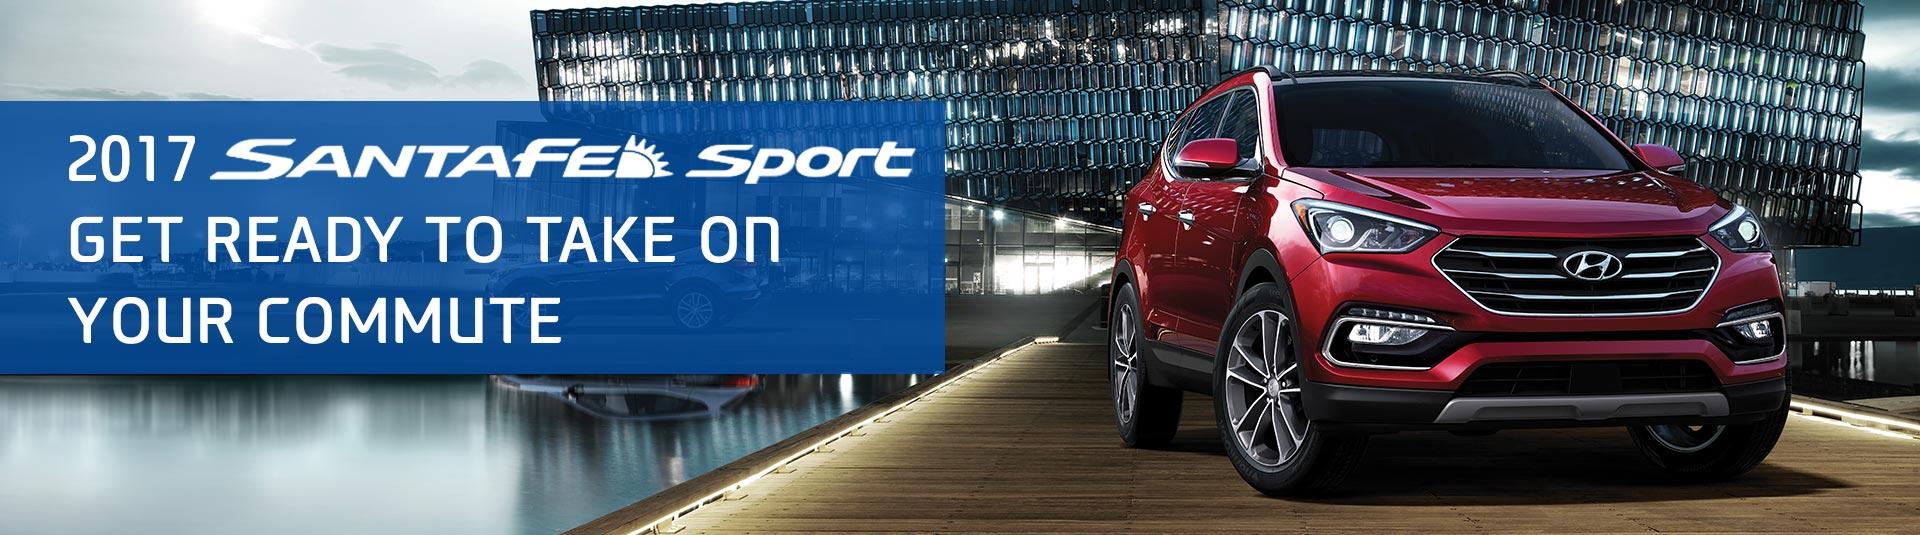 2017 Hyundai Santa Fe Sports